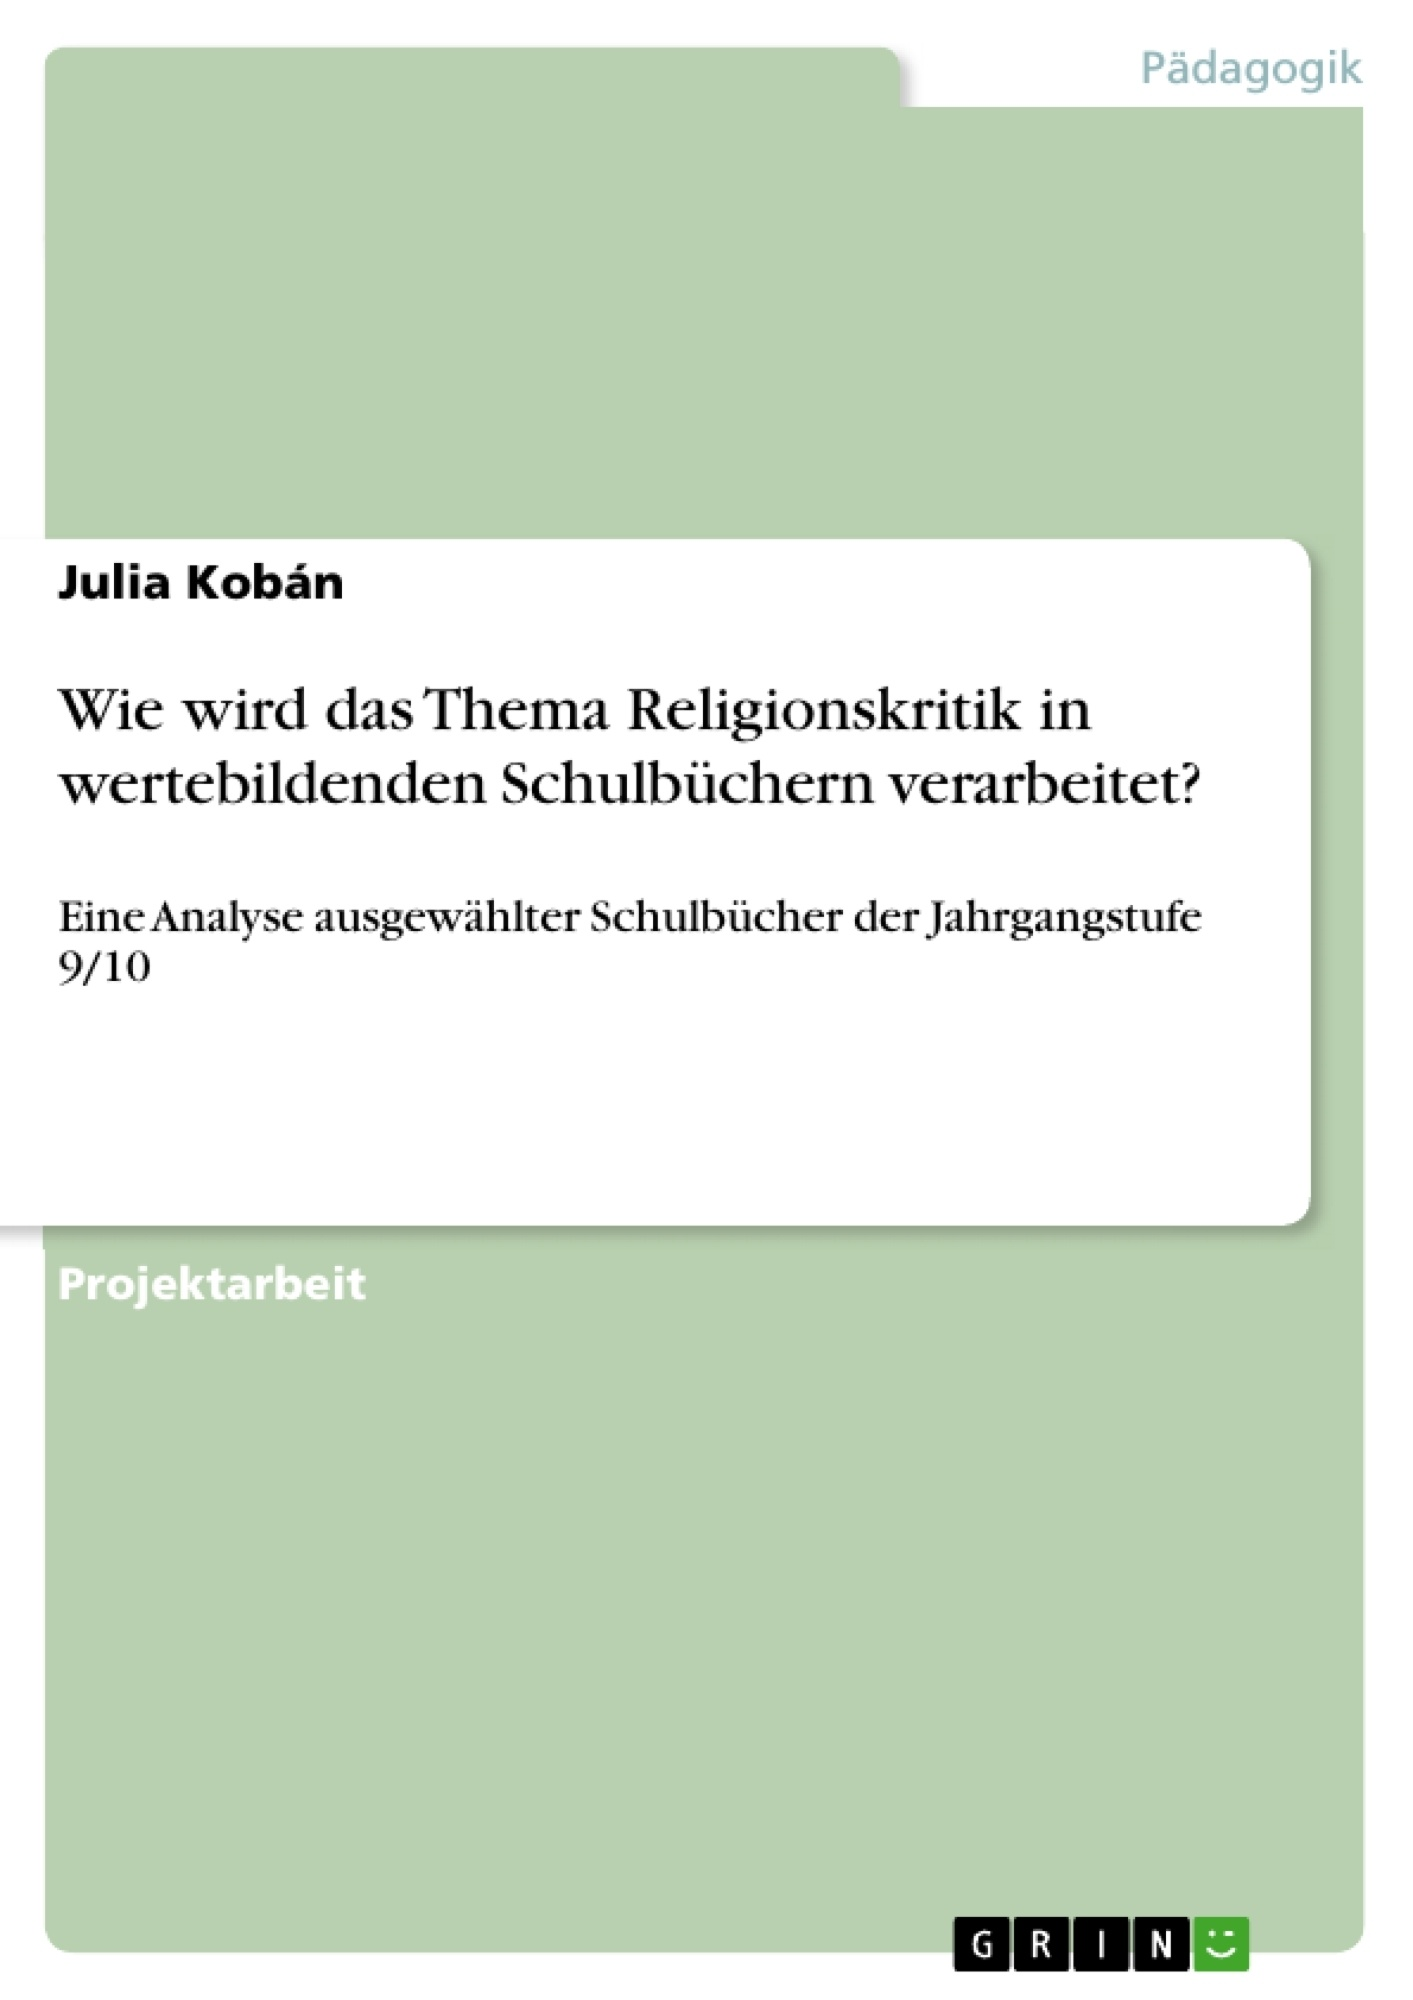 Titel: Wie wird das Thema Religionskritik in wertebildenden Schulbüchern verarbeitet?